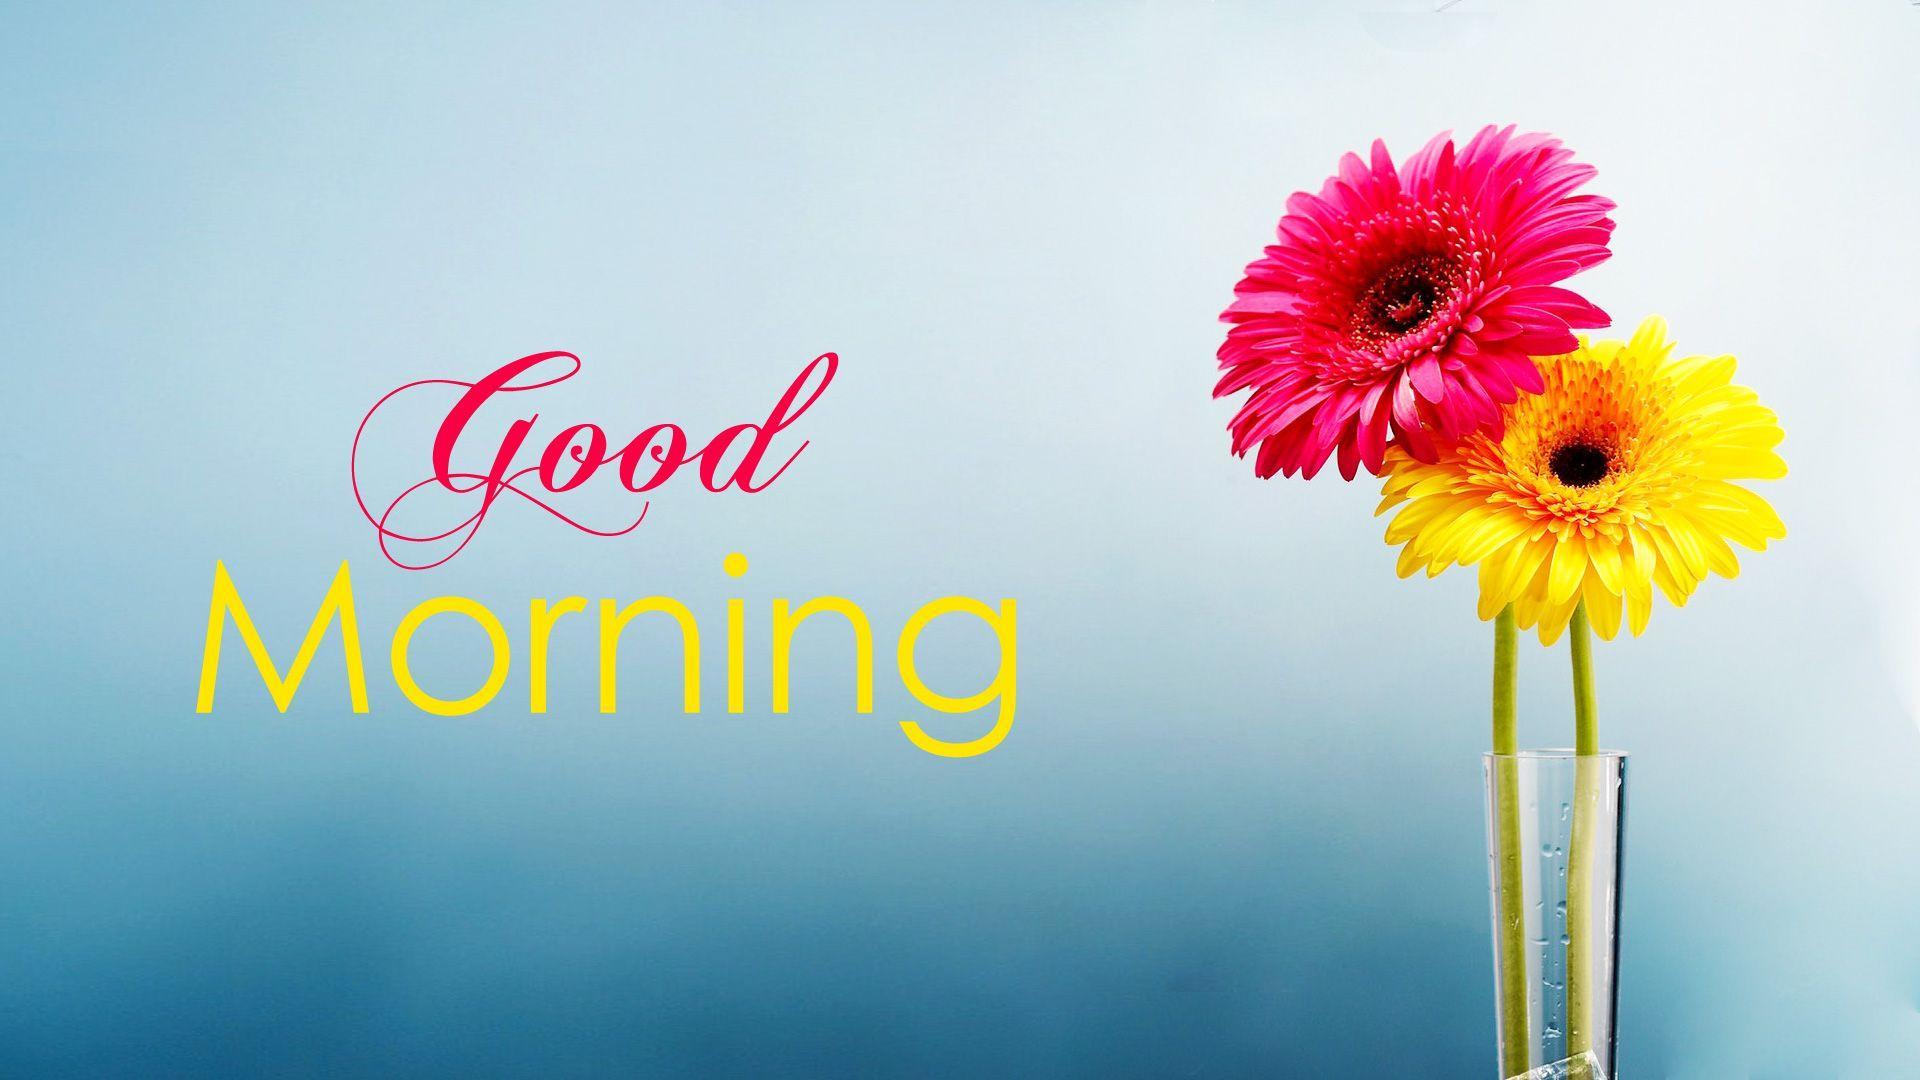 1920x1080 Chào buổi sáng Hình nền có hoa, Hình ảnh GM Full HD 1920x1080